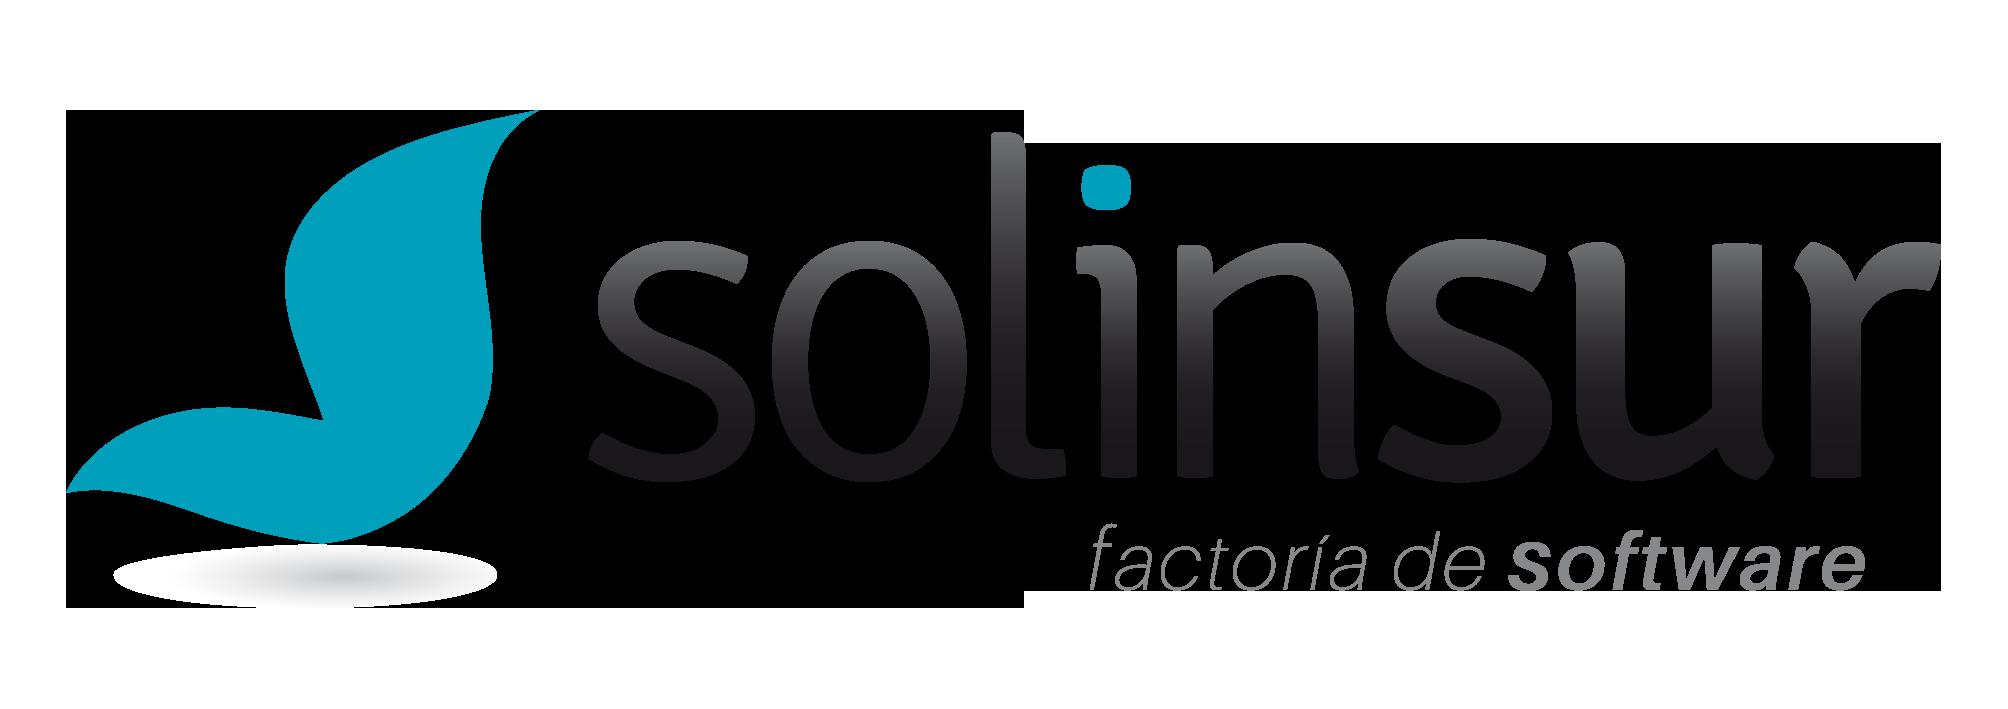 Solinsur